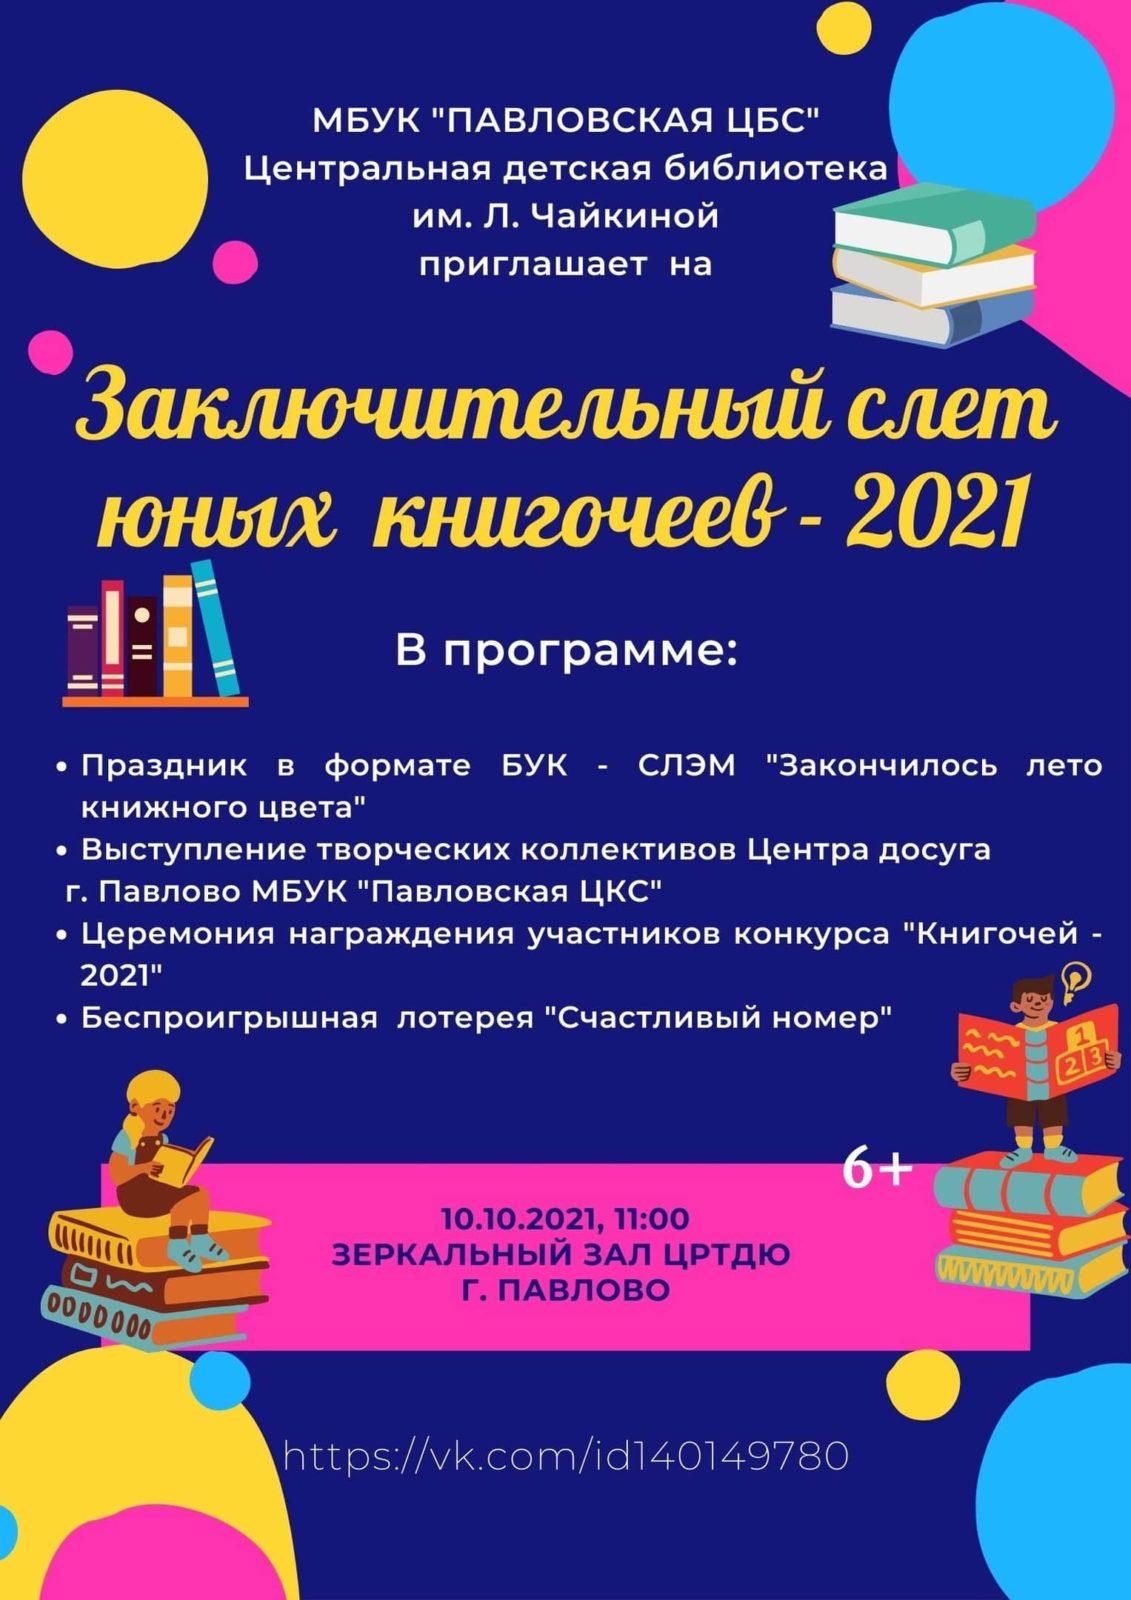 Заключительный слет юных книгочеев — 2021